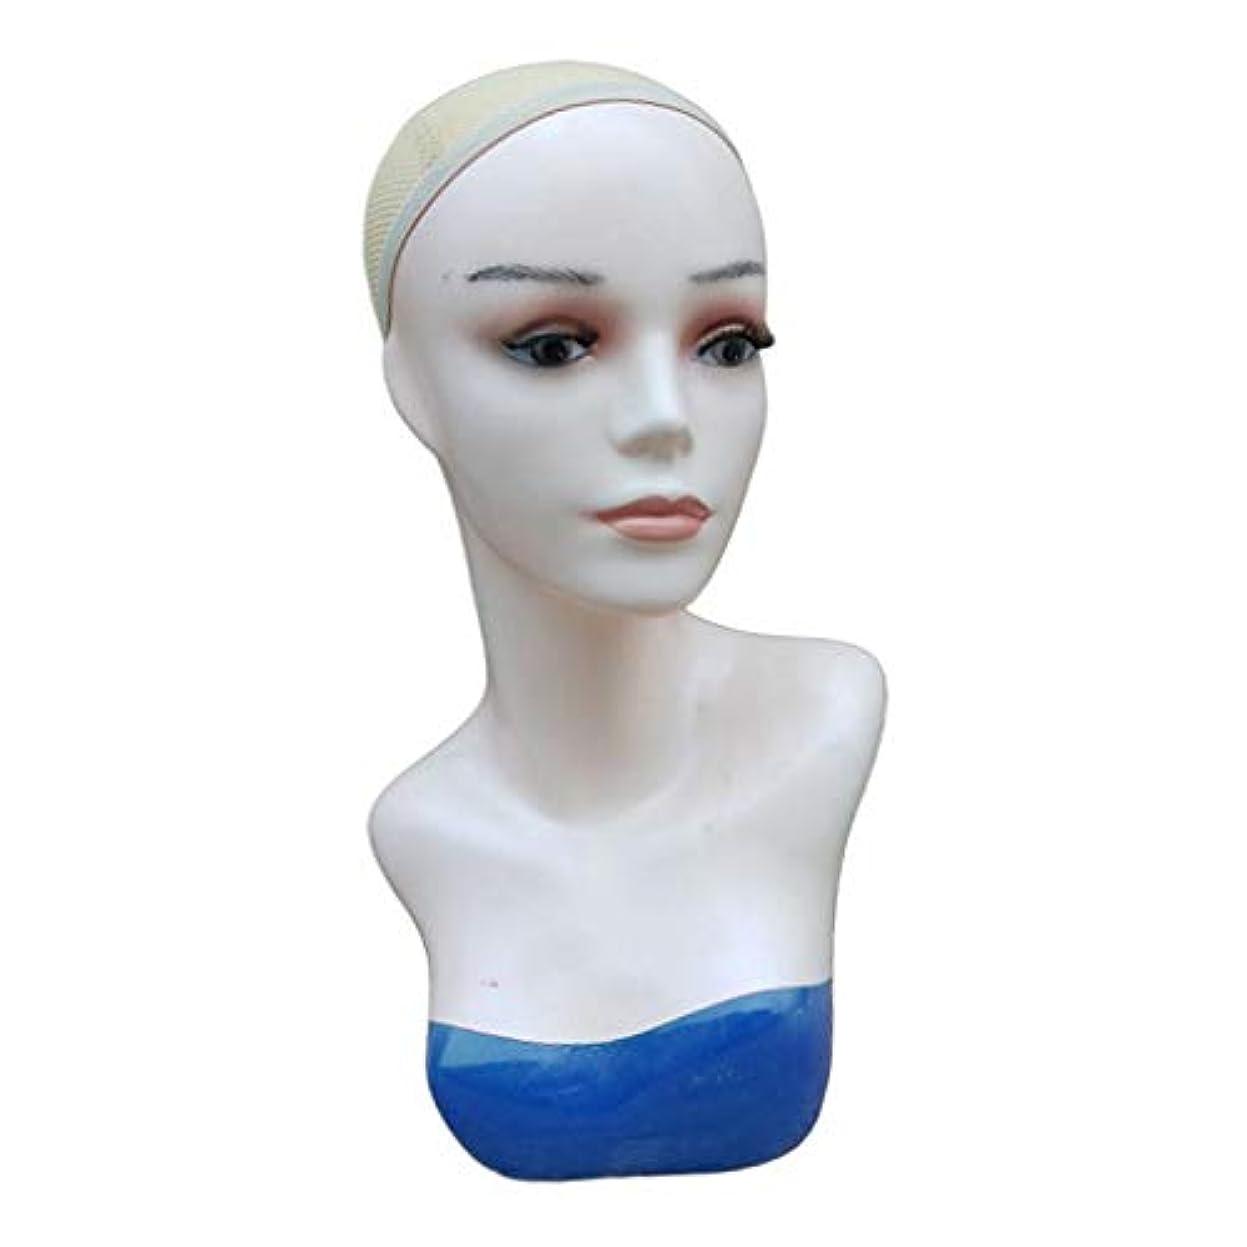 サーバシビック銃Toygogo 帽子 ハンガー マネキンヘッド ウィッグスタンド ウィッグ かつら作り ディスプレイ ヘッドモデル